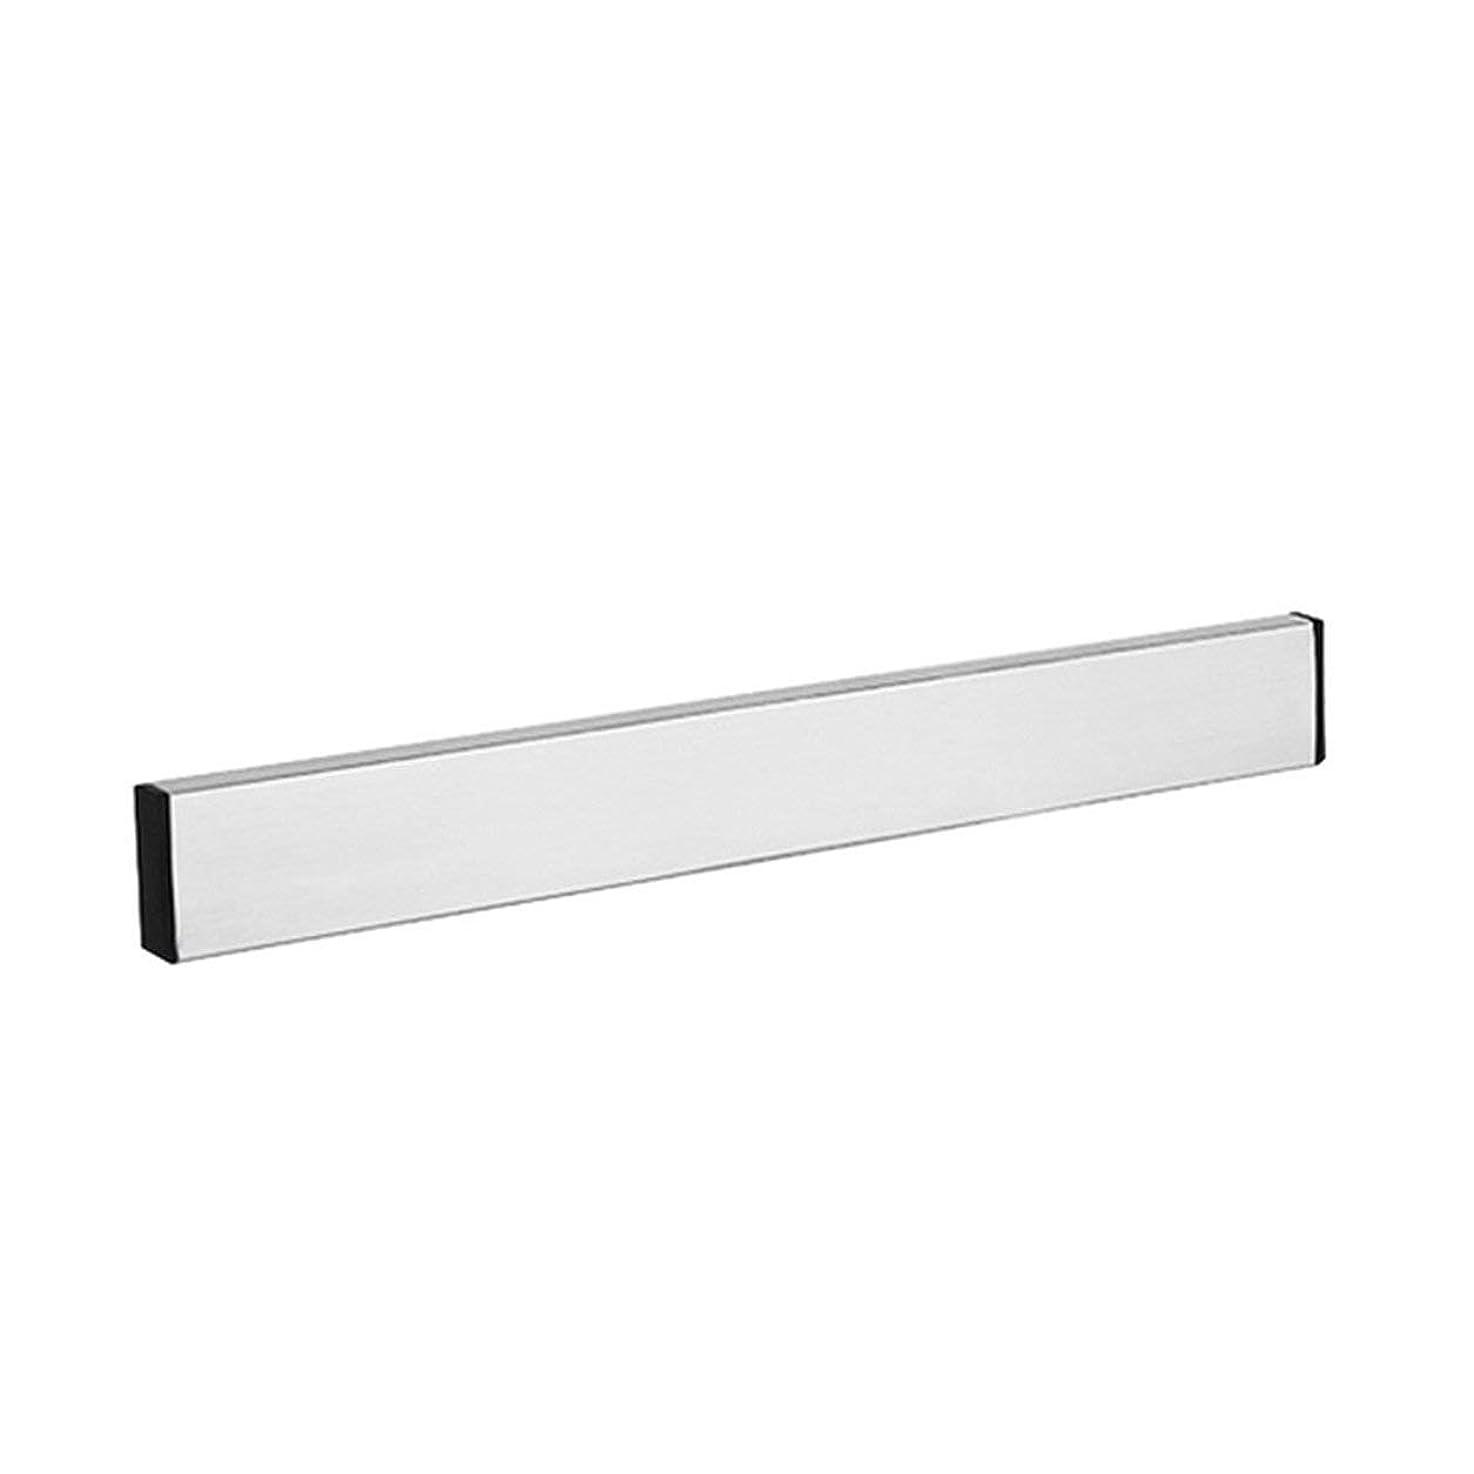 セント有効化ミケランジェロSaikogoods キッチン用具用の磁気ブロック 壁掛け自己接着ナイフホルダー ステンレススチール 簡単に保存 ナイフラック ストリップ 銀